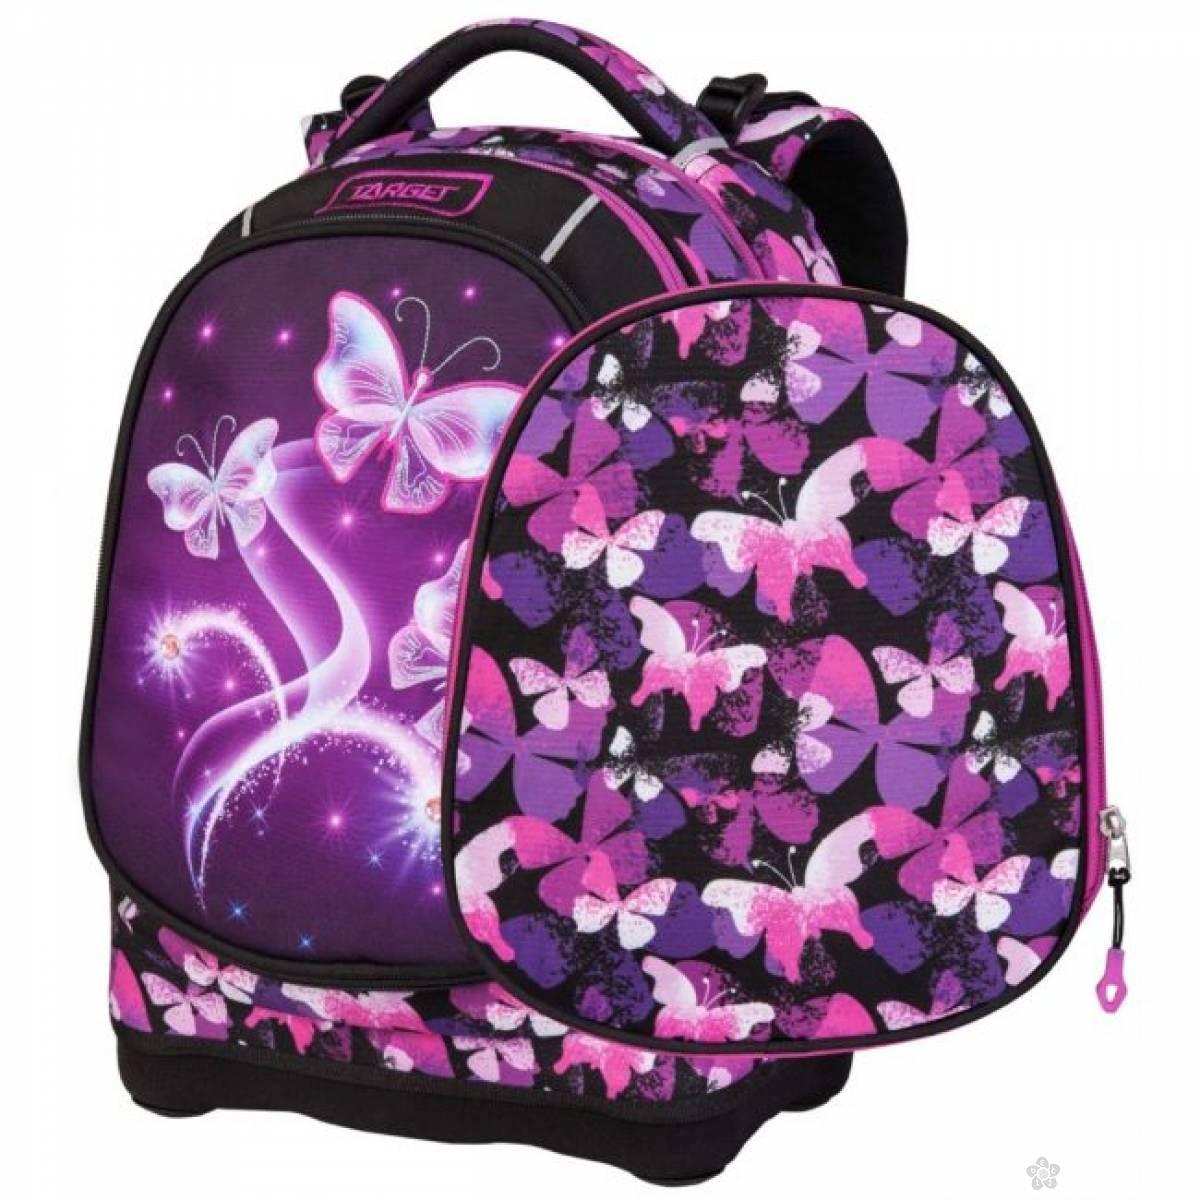 Ranac Superlight 2 Face Violet Butterfly 26826